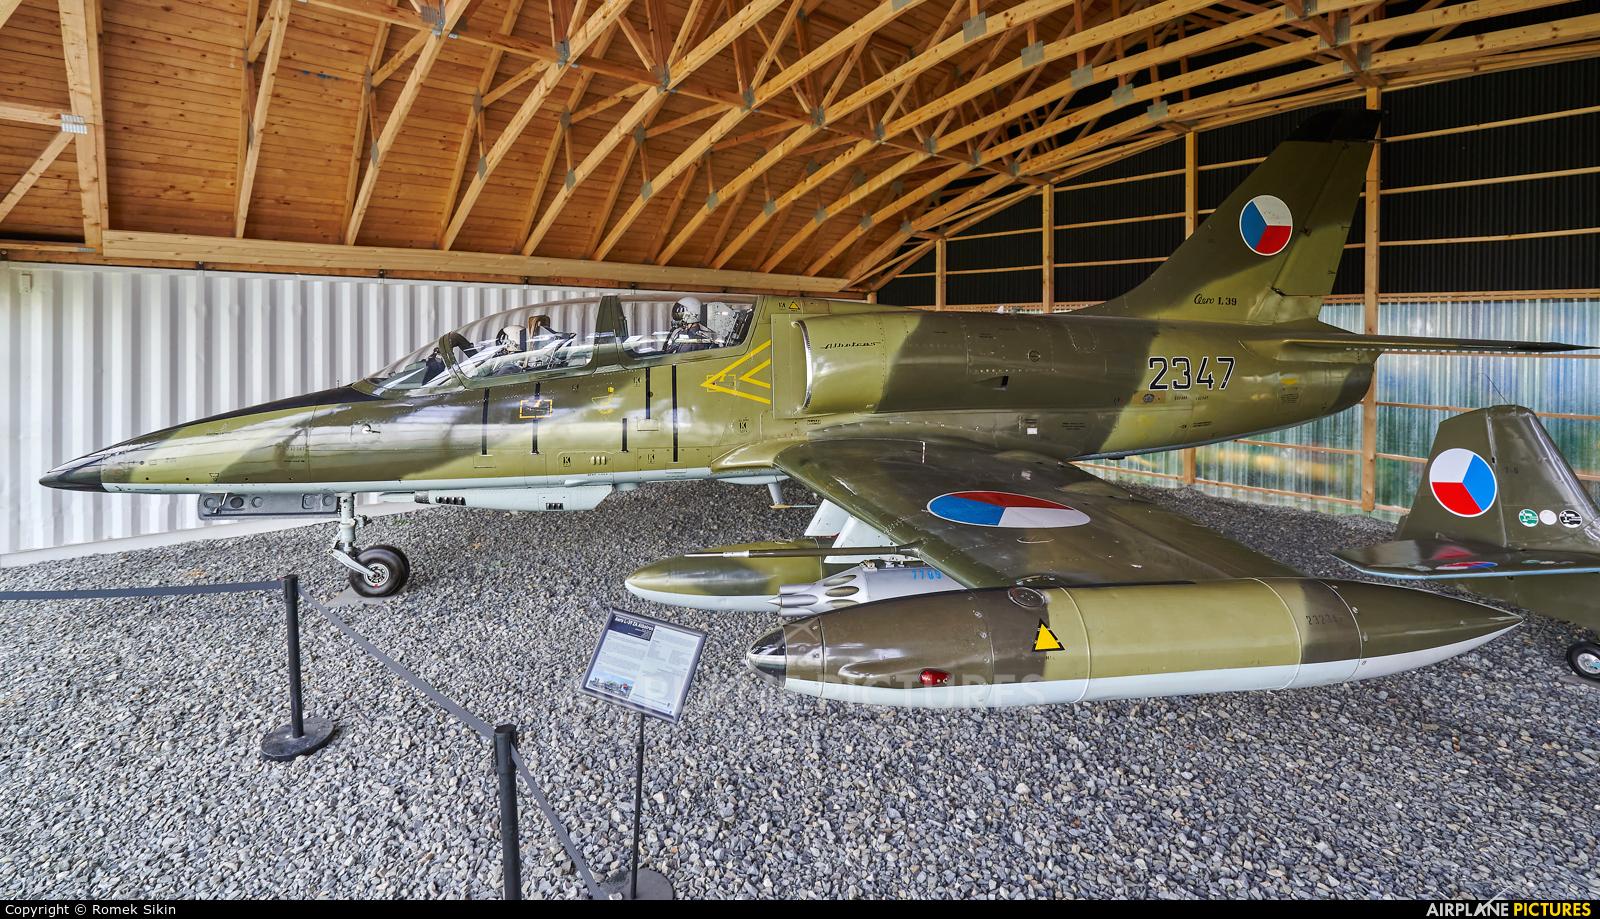 Czech - Air Force 2347 aircraft at Uherské Hradiště - Kunovice